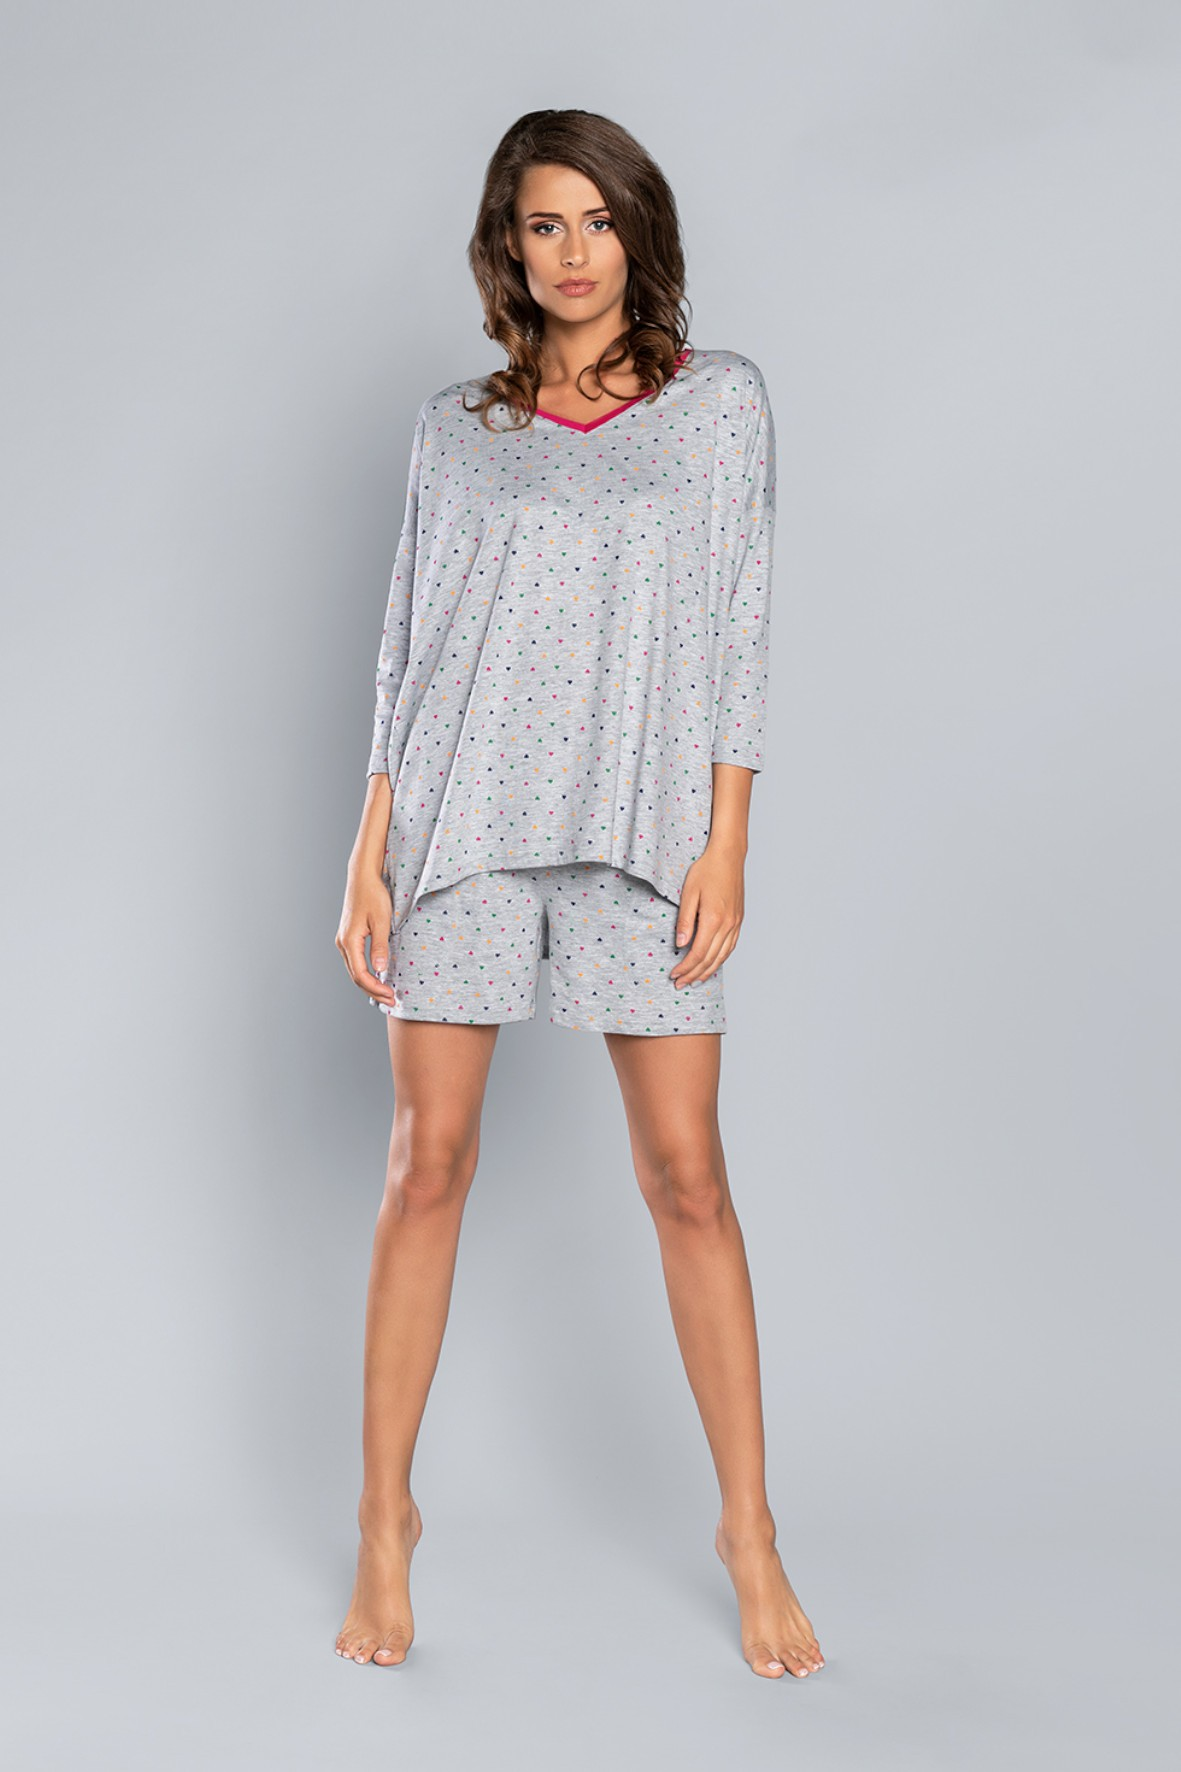 Dwuczęściowa piżama damska w kolorze szarym  - t-shirt  w kolorowe serduszka 7/8 rękaw